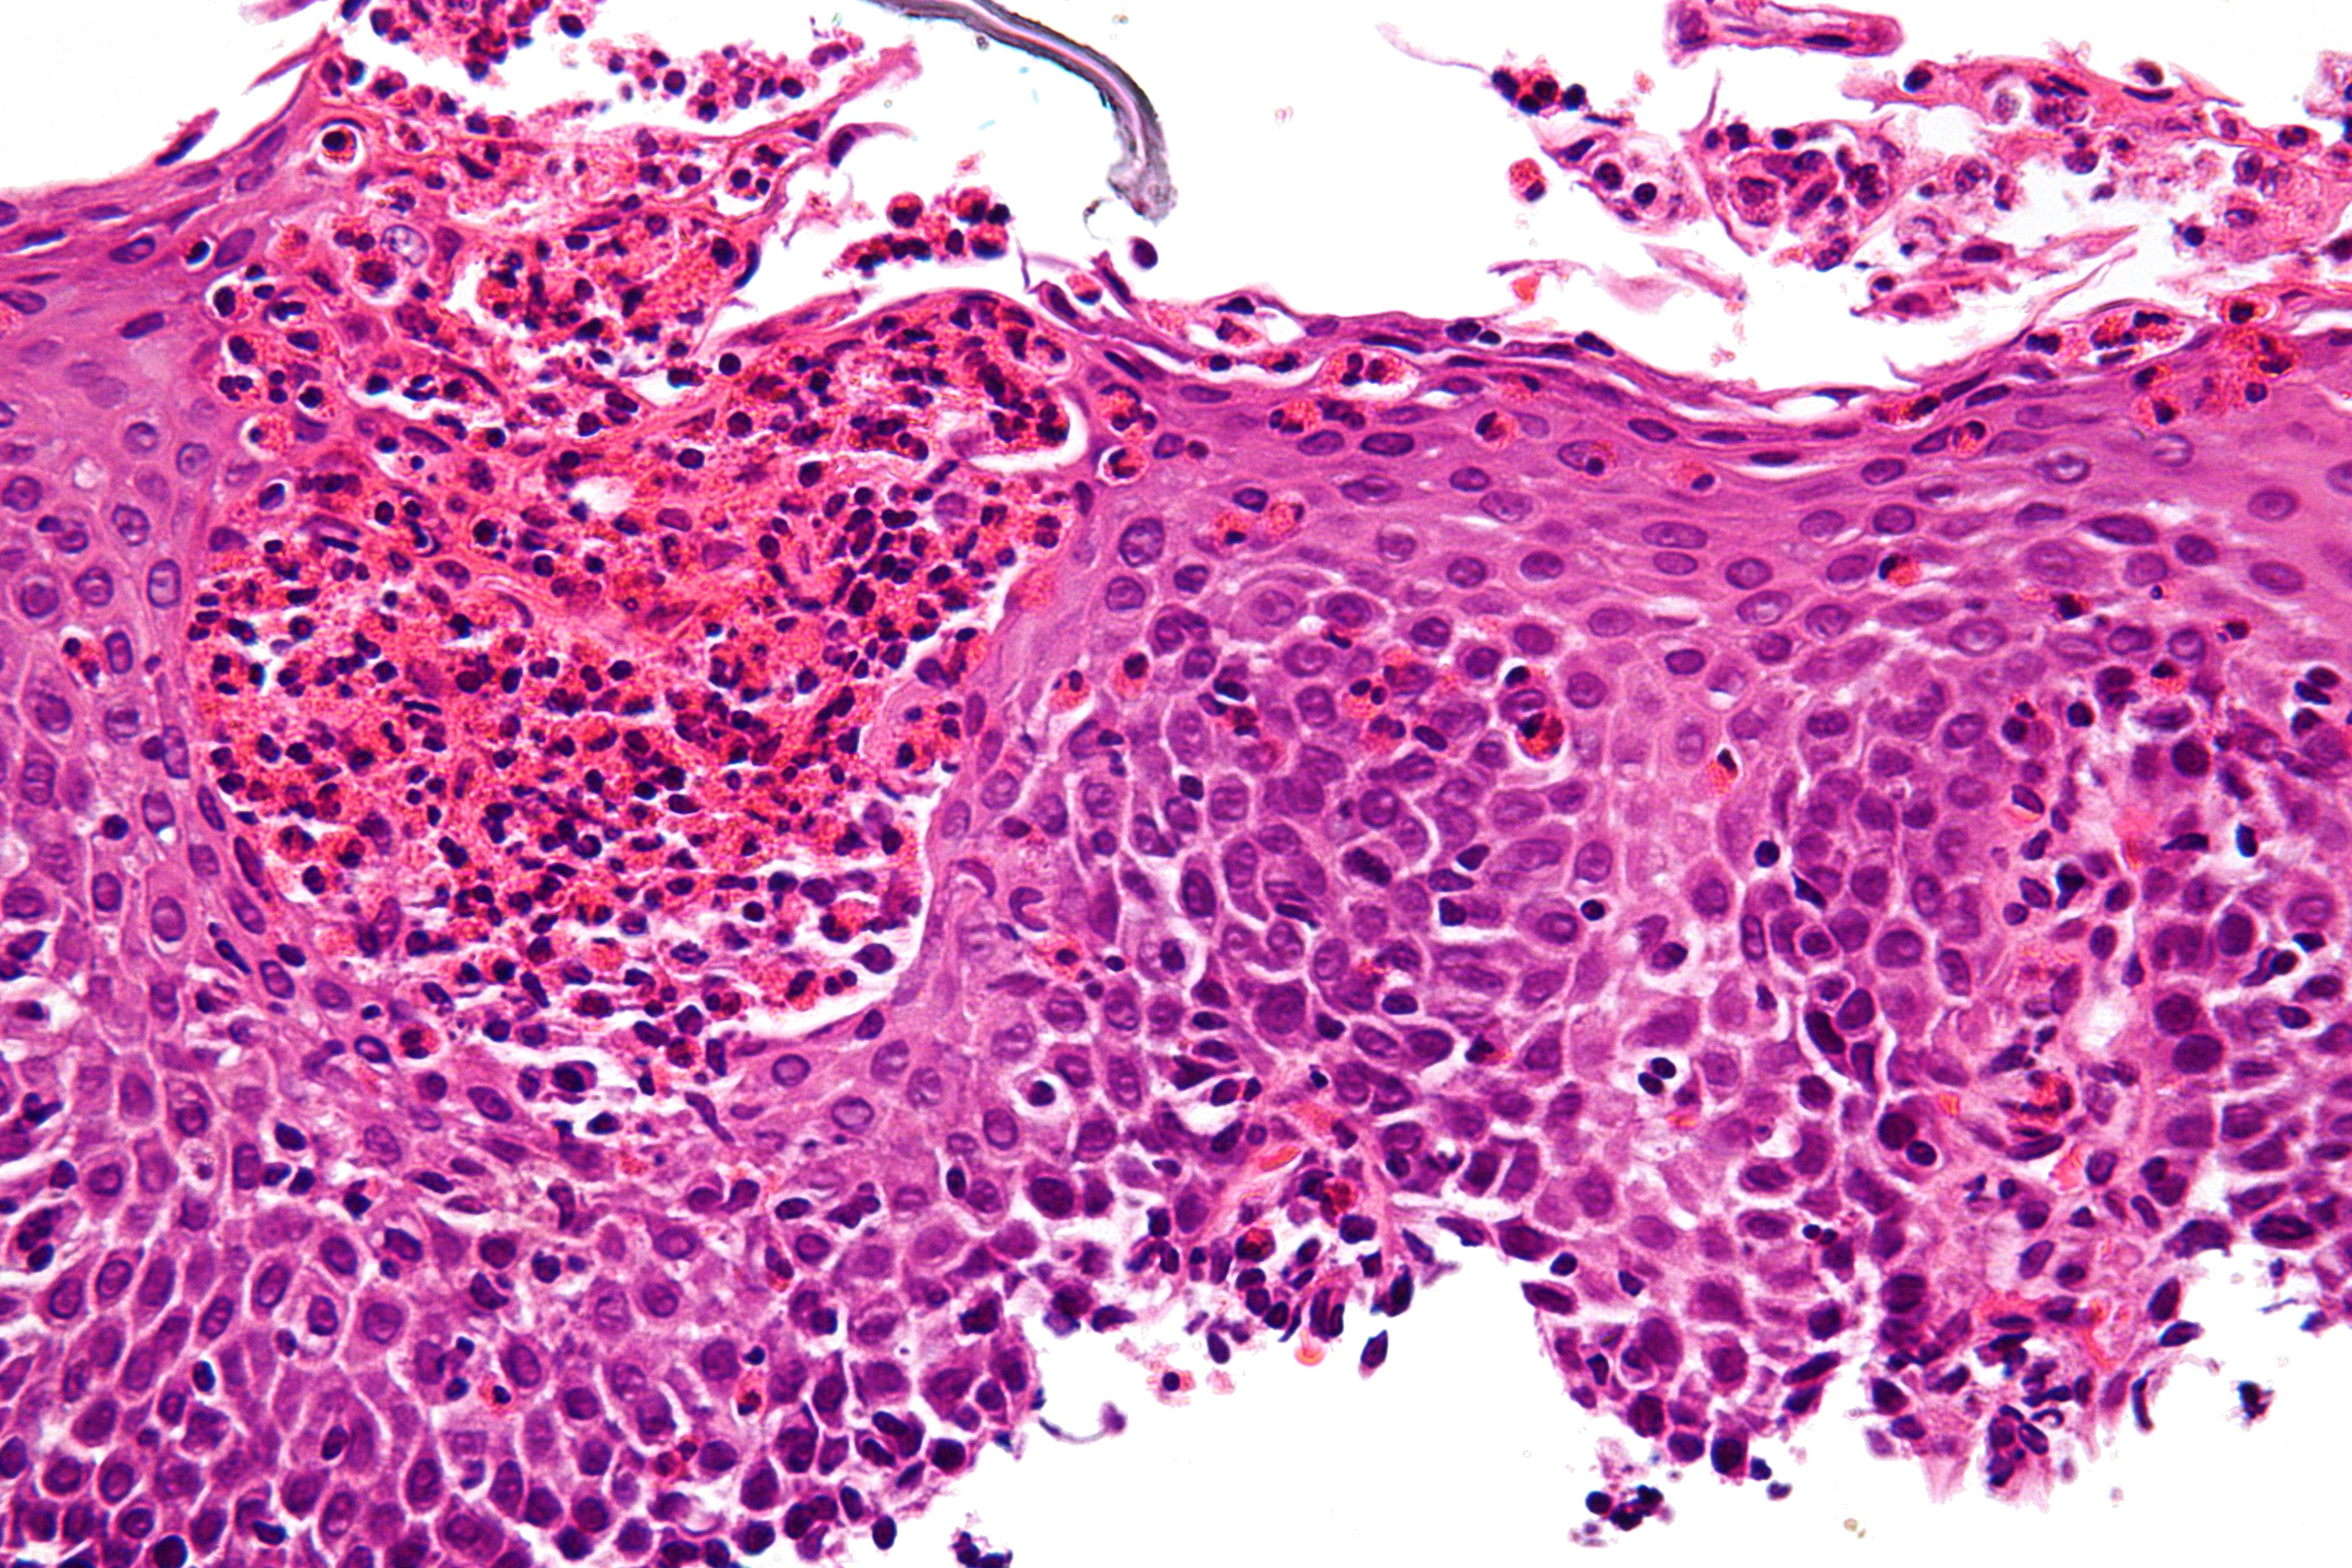 Eosinophilic Esophagitis Wikipedia